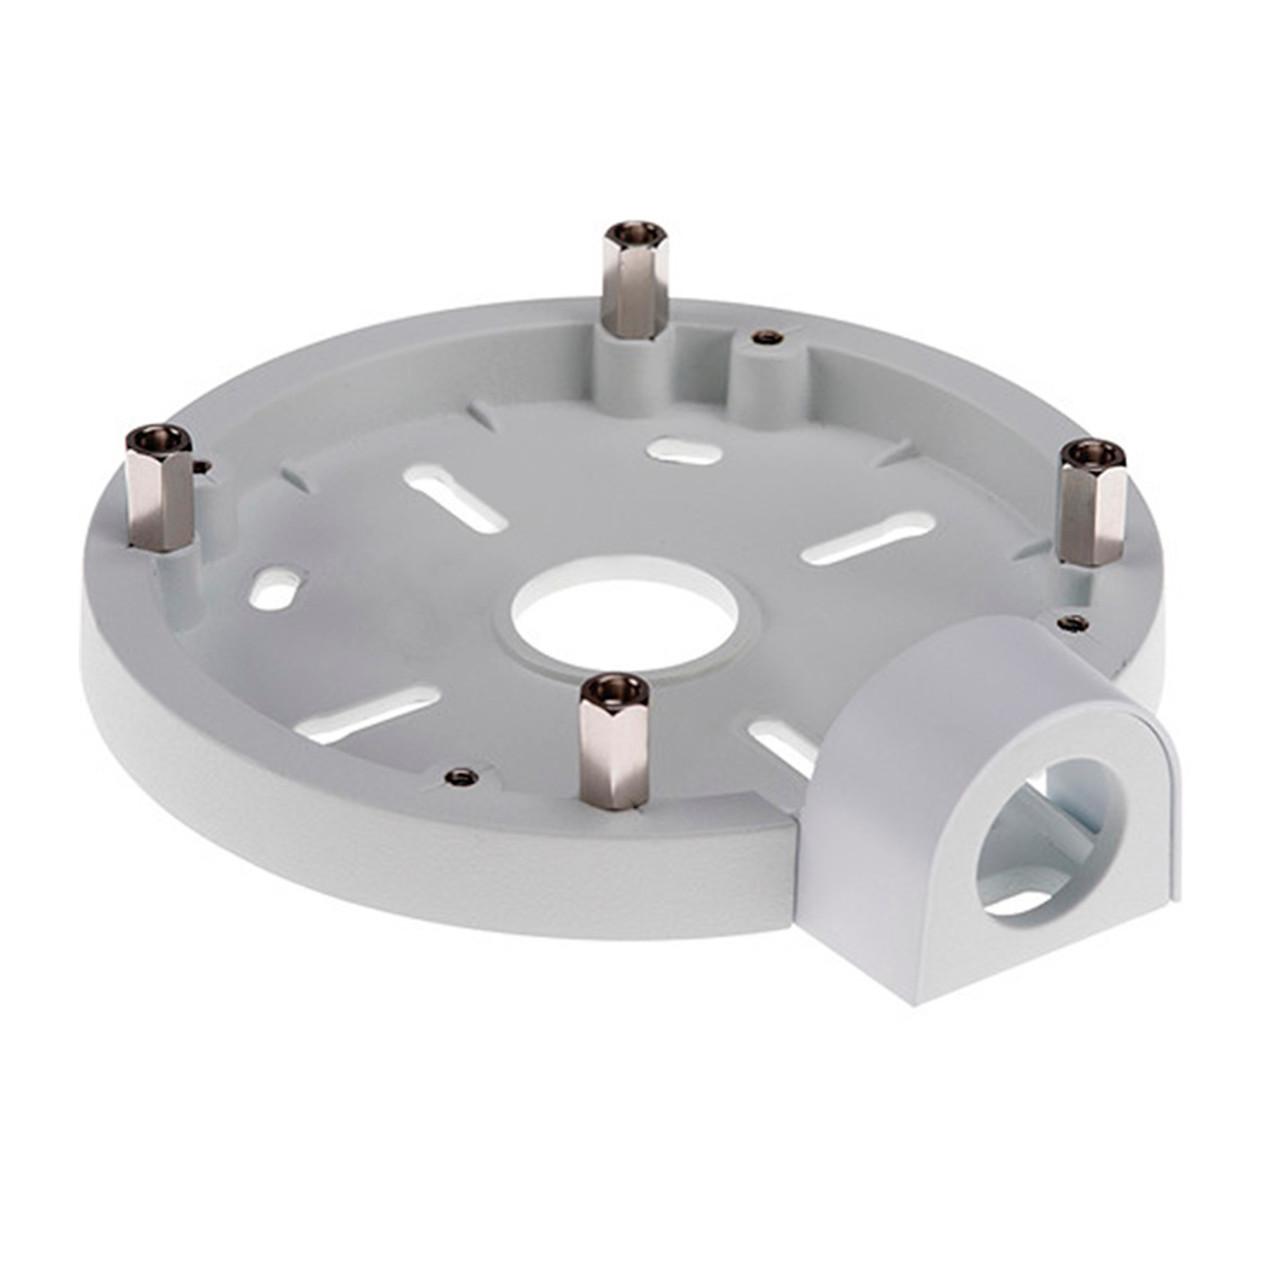 LUND 9748PB Brite 48 Aluminum Side Bin Box